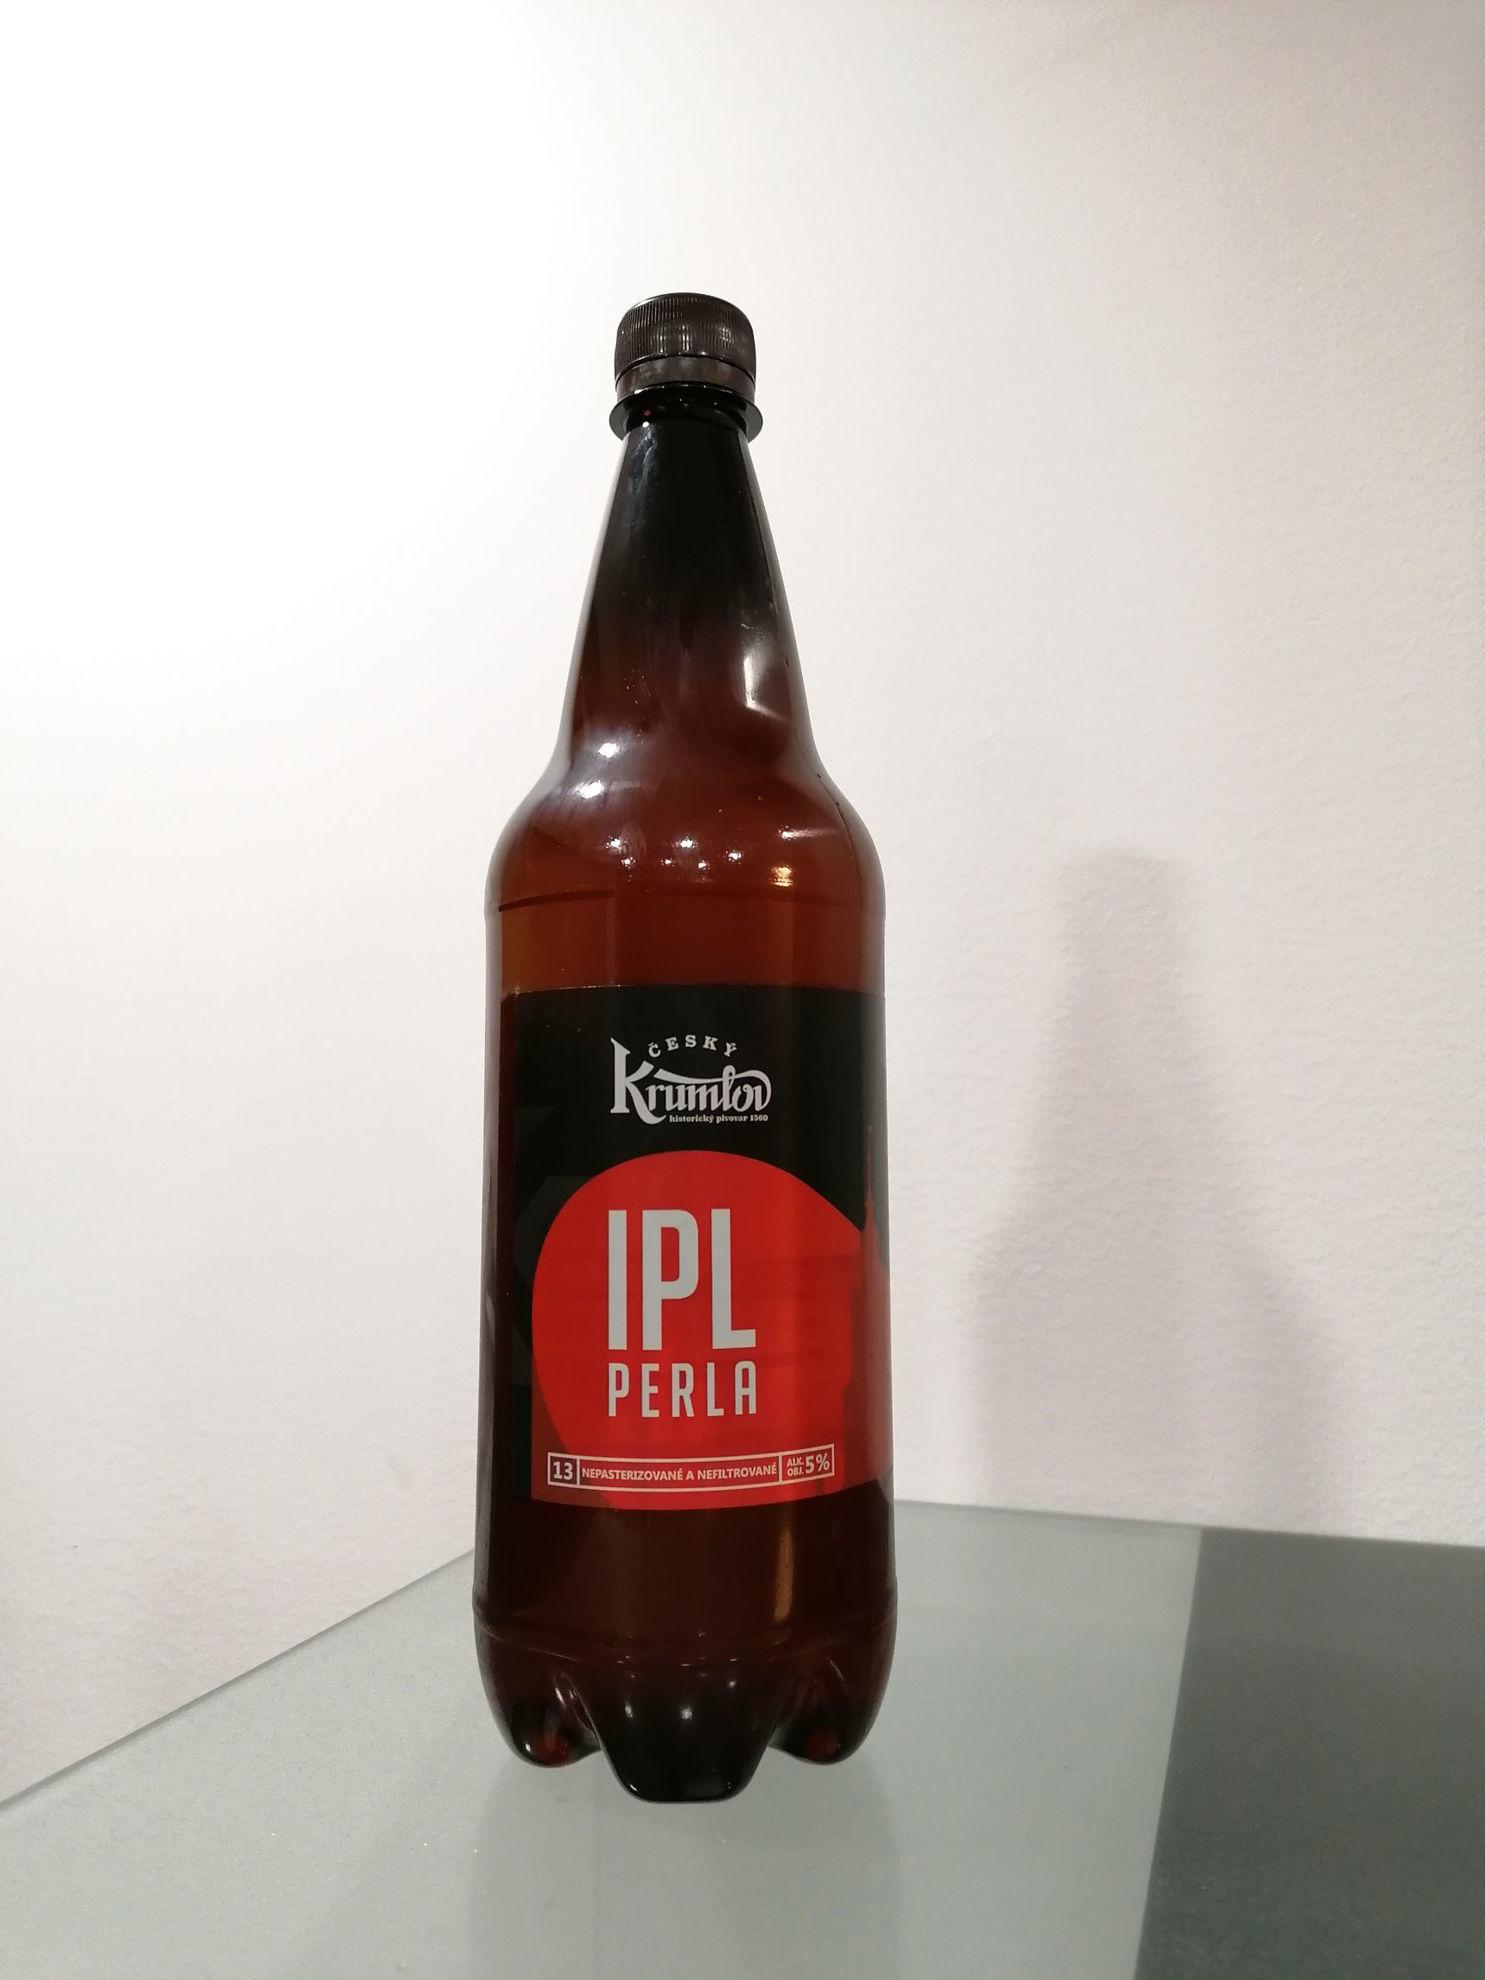 Krumlov 13 IPL Perla